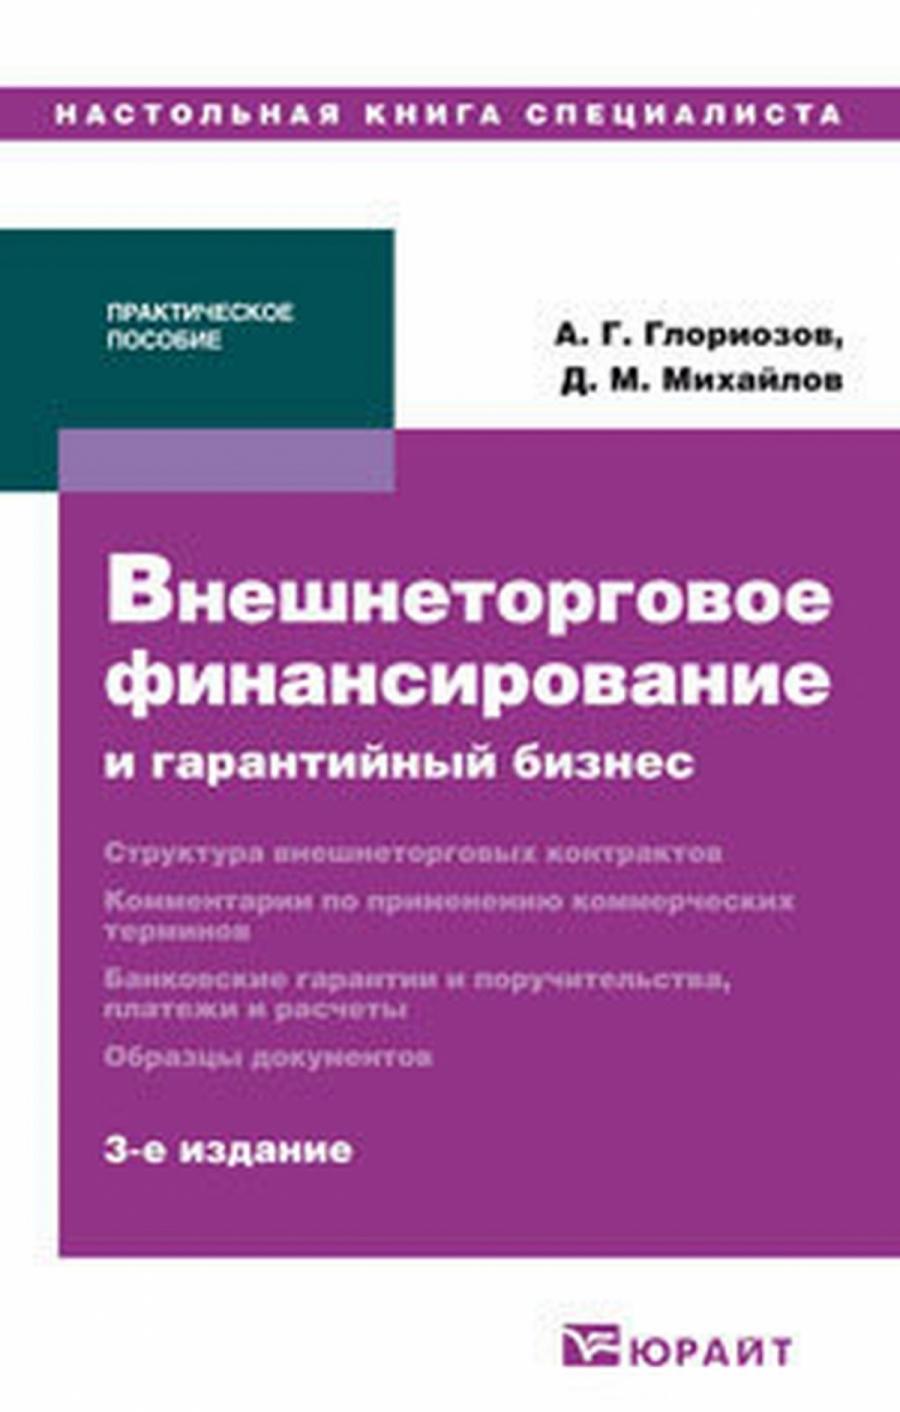 Обложка книги:  дмитрий михайлович михайлов - внешнеторговое финансирование и гарантийный бизнес